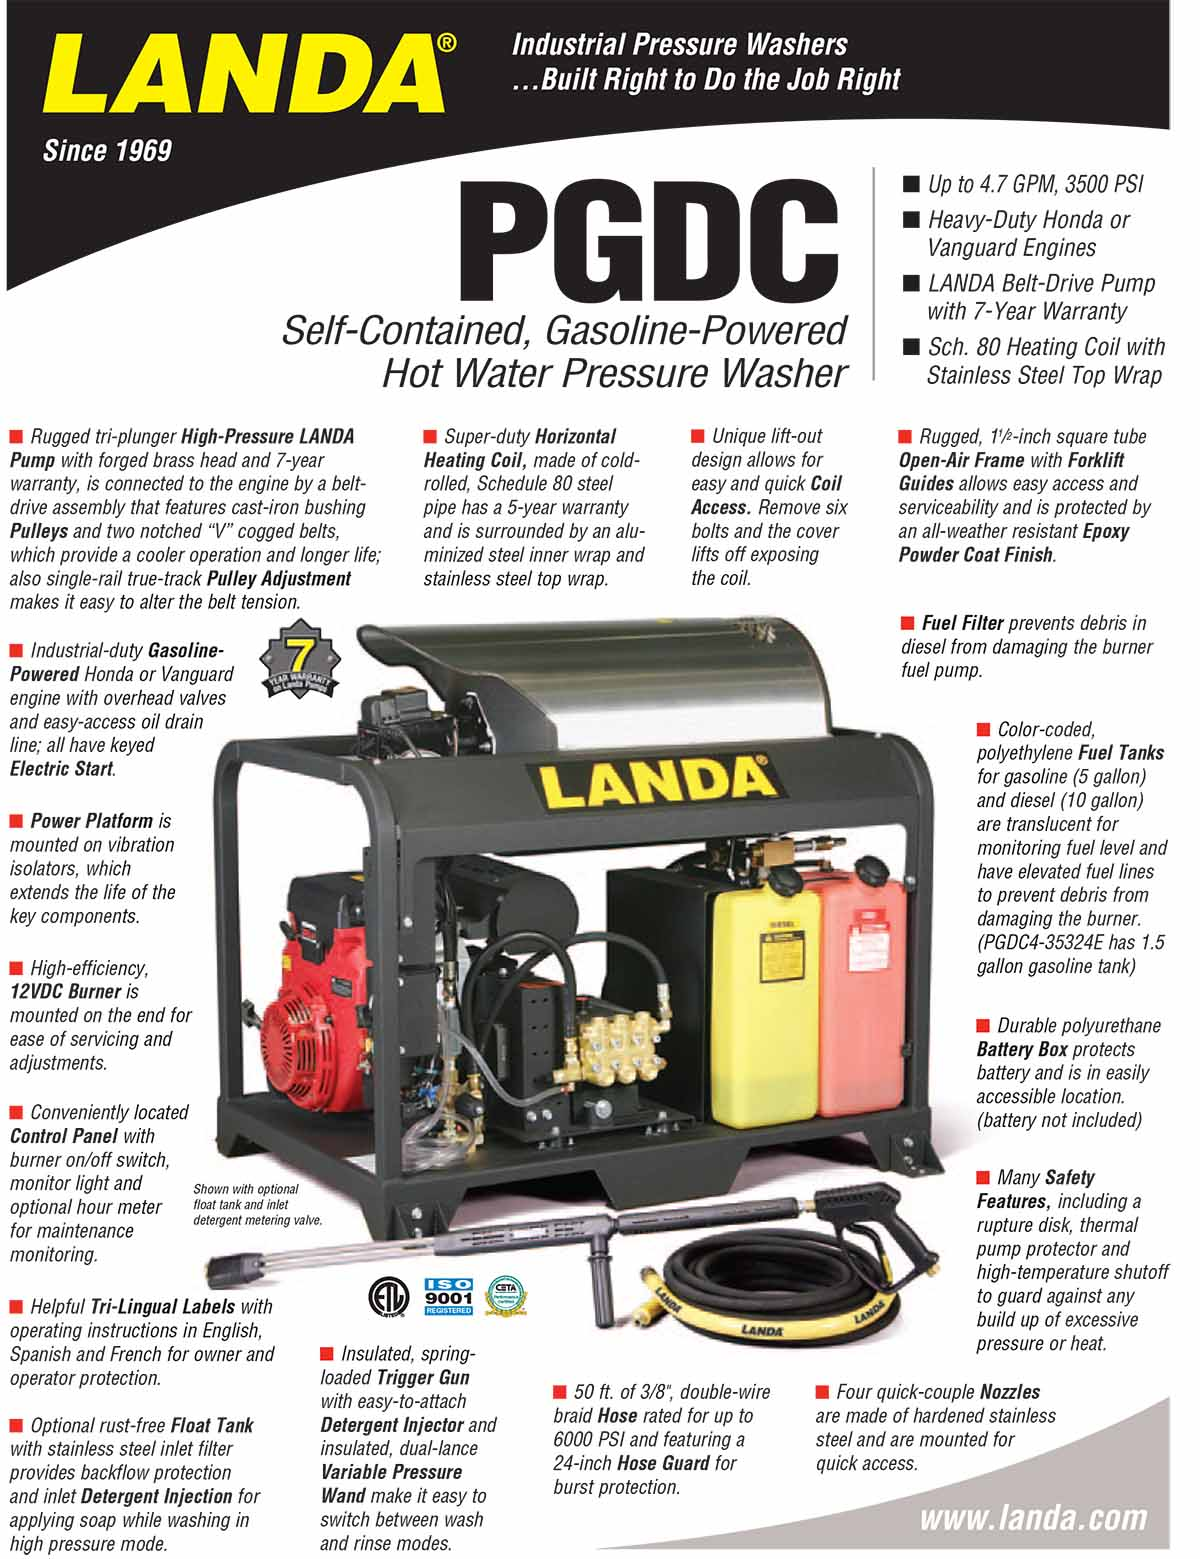 LANDA PGDC Equipment Flyer